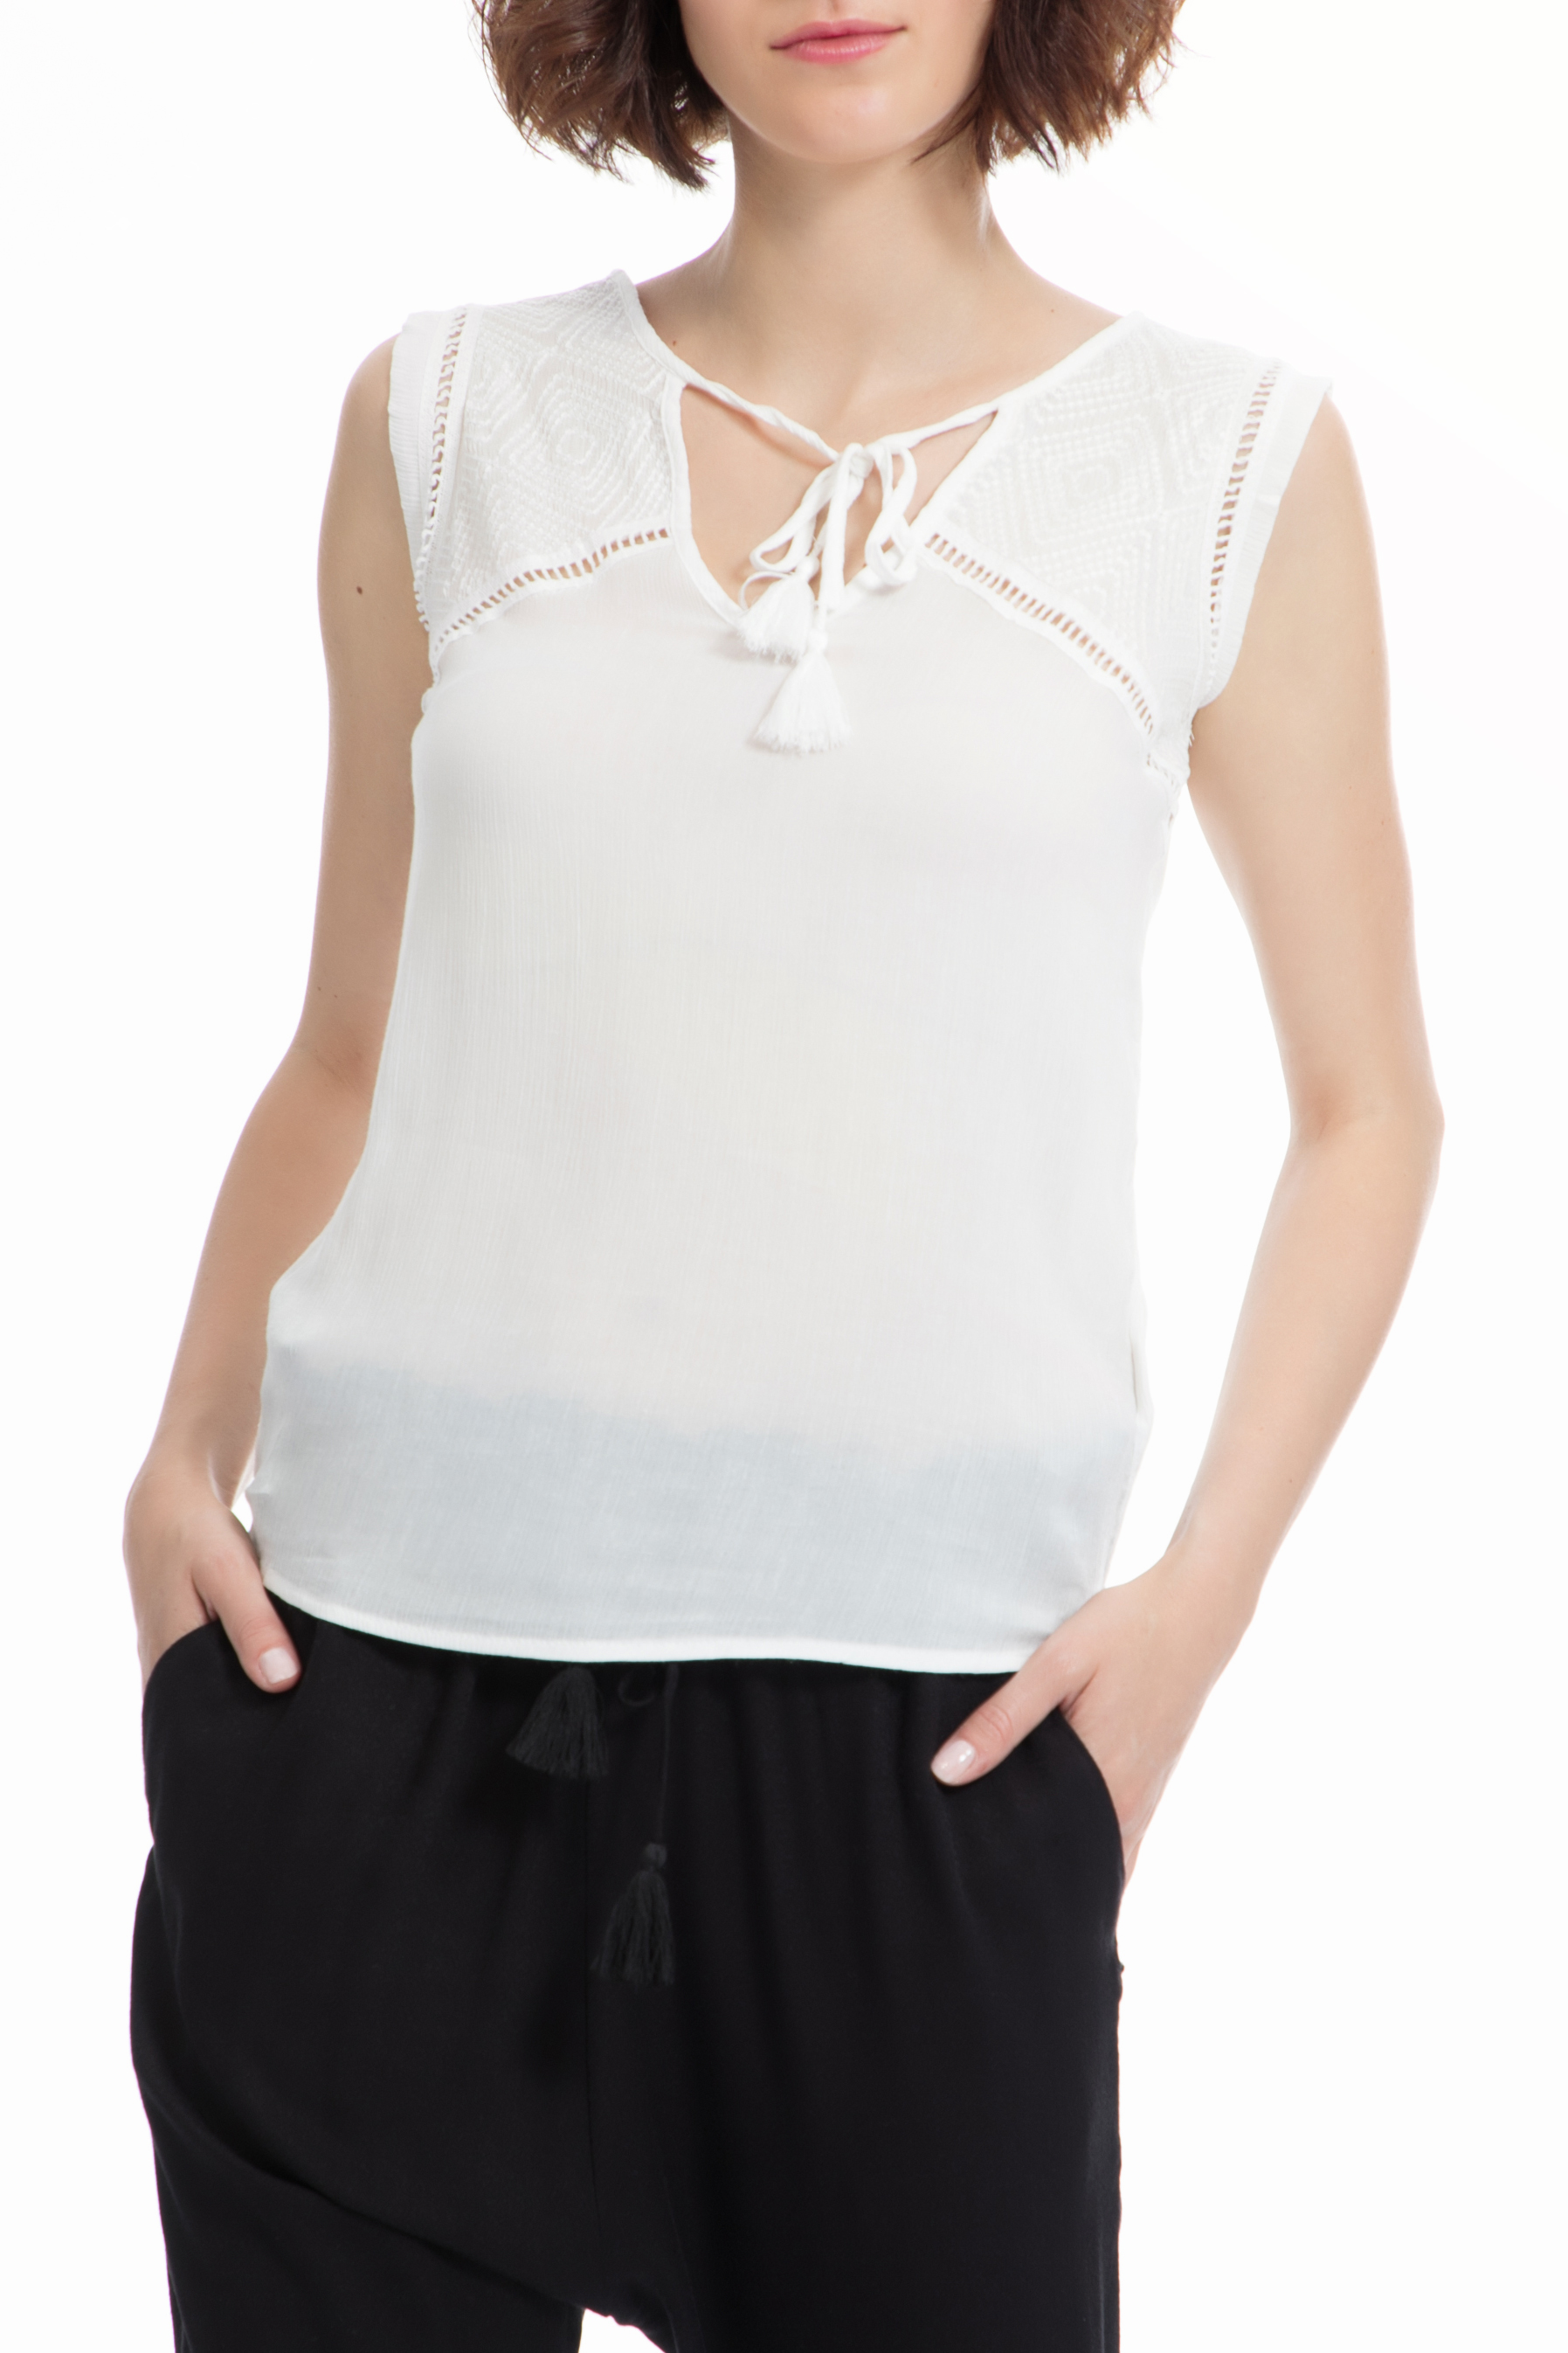 0341a18bff42 Γυναικείες Μπλούζες 2019 Μανίκι  Αμάνικες